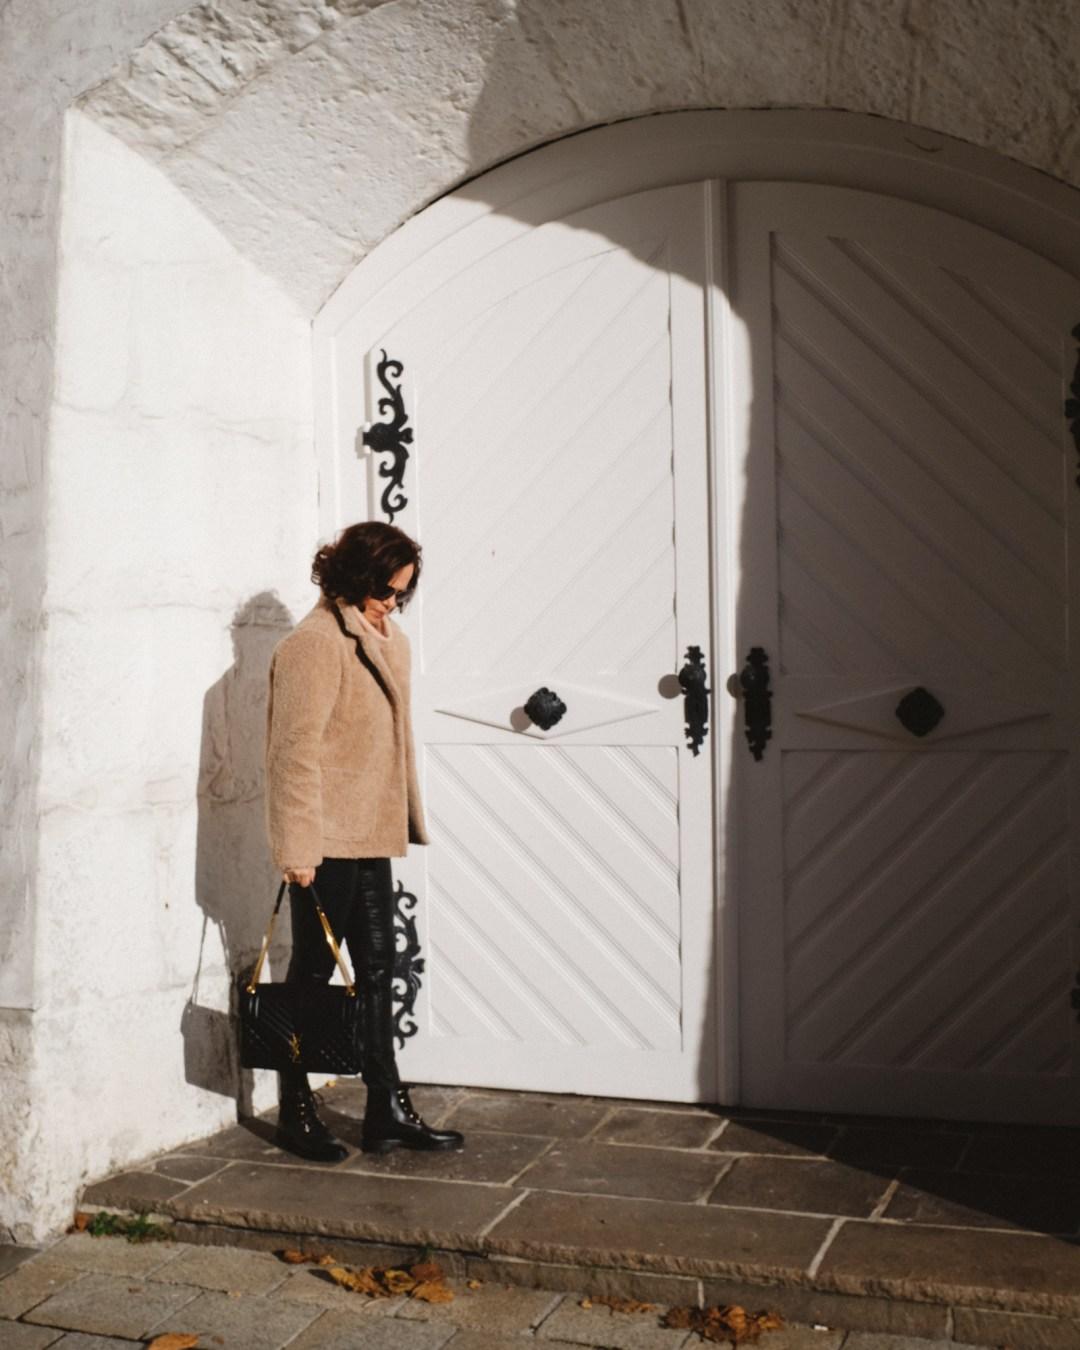 ina stil inastil Herbstoutfit Modeblog Stilberatung Blogwalk Ü50style Herbstmode YSL Tasche Hallein Outfit Streetstyle ageless Herbsttrend Casual Handtasche StylingtippsDSCF1434